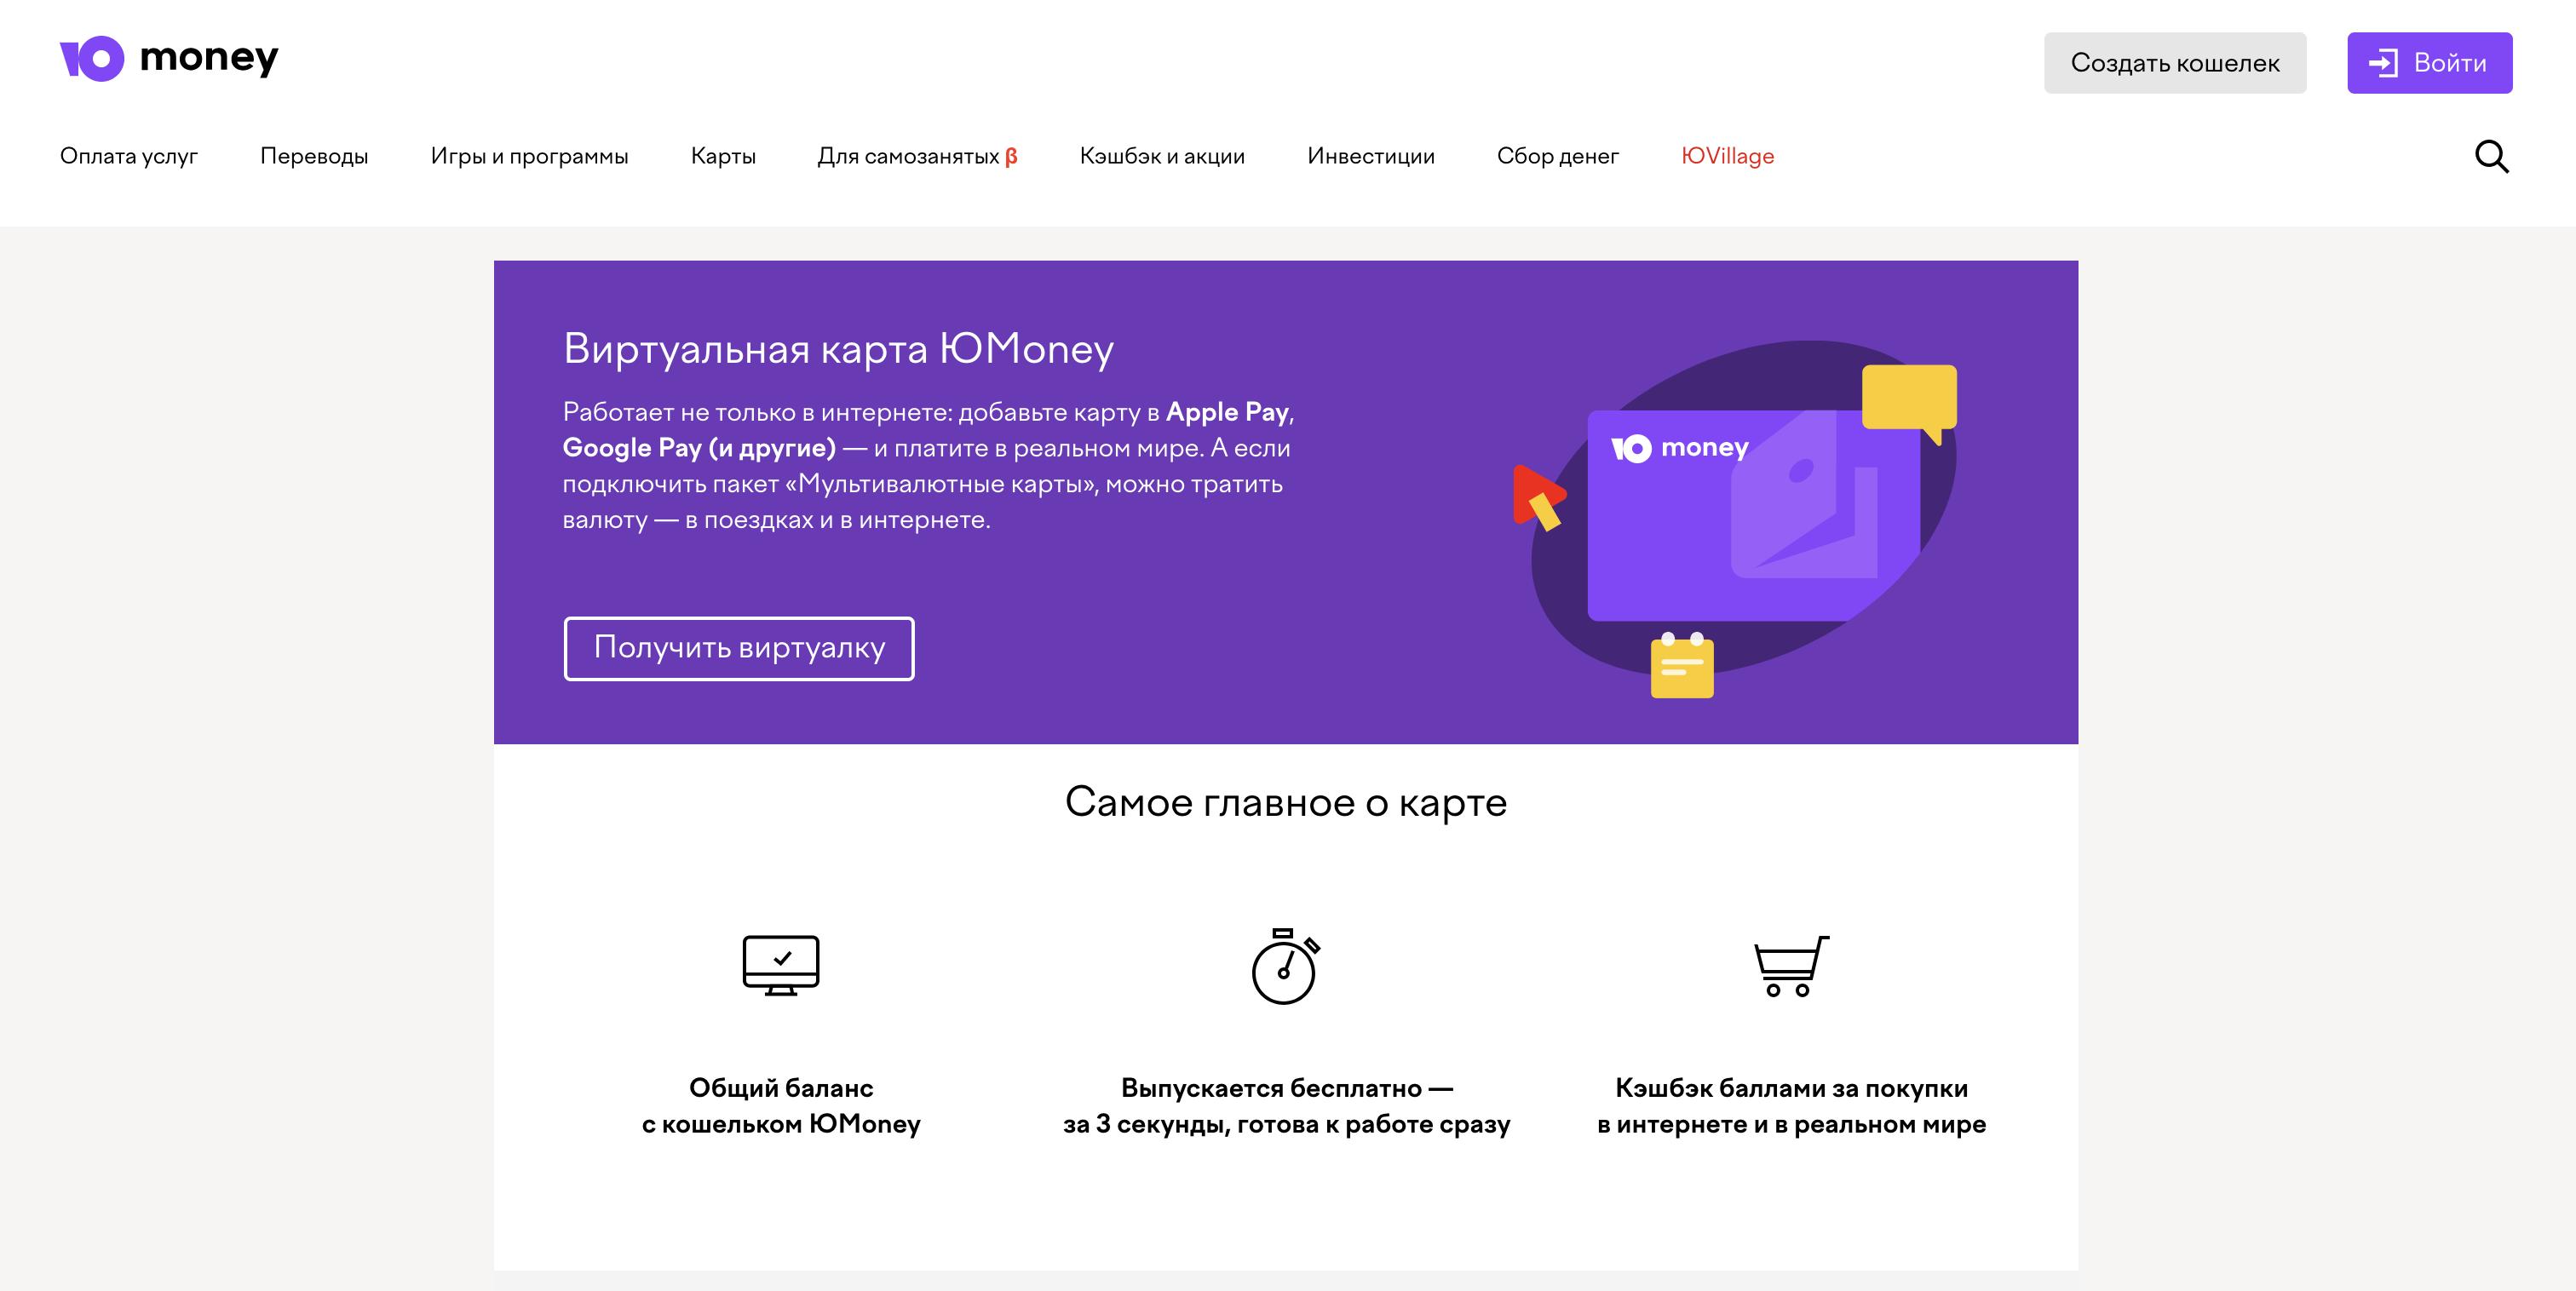 комиссии юмани за переводы, снятие денег, пополнение - виртуальная карта